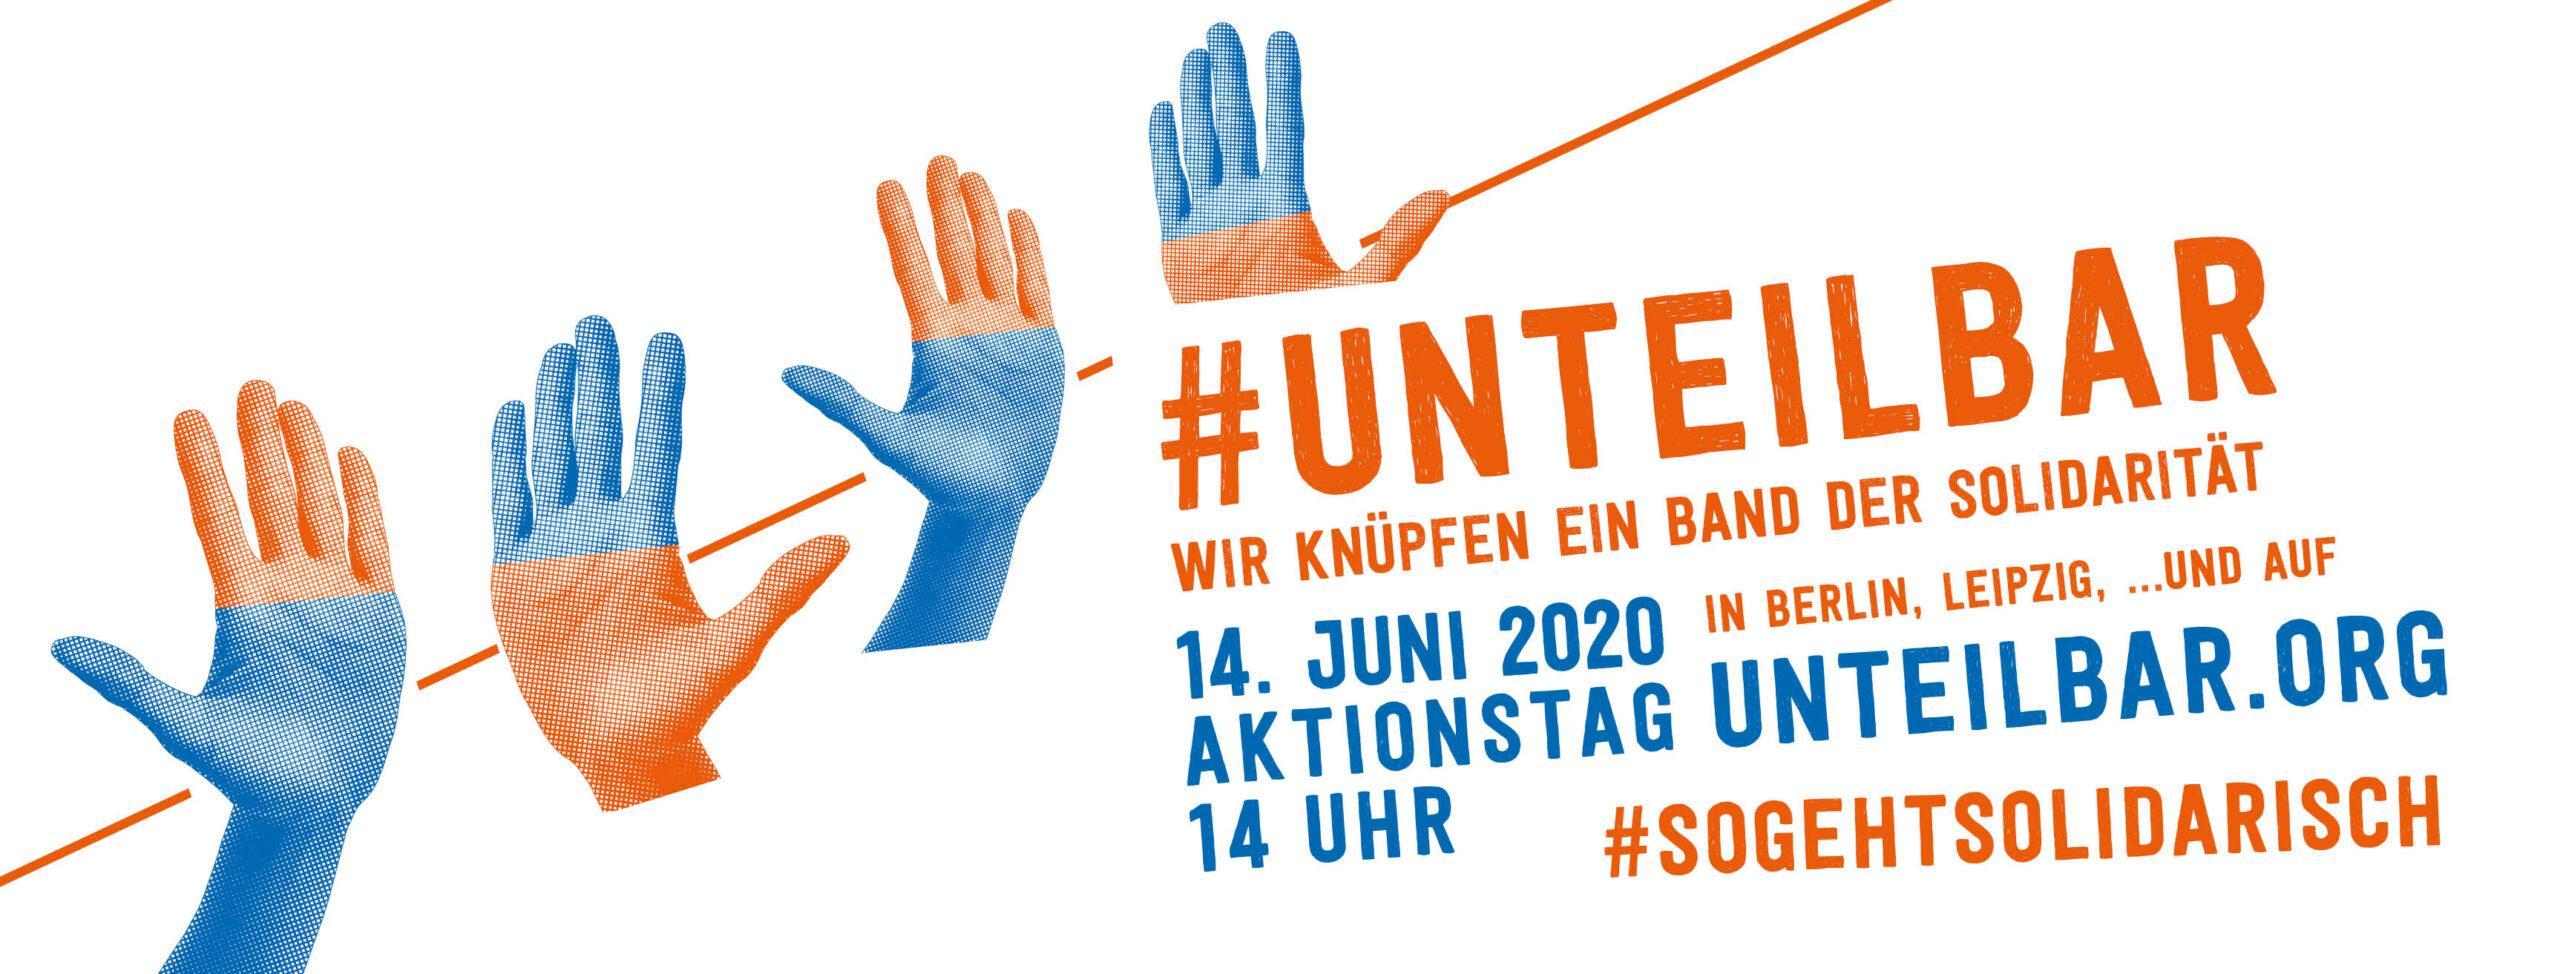 Am Sonntag, den 14. Juni 2020, um 14 Uhr werden wir verantwortungsbewusst und mit Abstand demonstrieren. Auf der Straße und im Netz zeigen wir:<br /> #SoGehtSolidarisch!<br /> * Routen und Infos zu Berlin, Leipzig & anderen Orten...